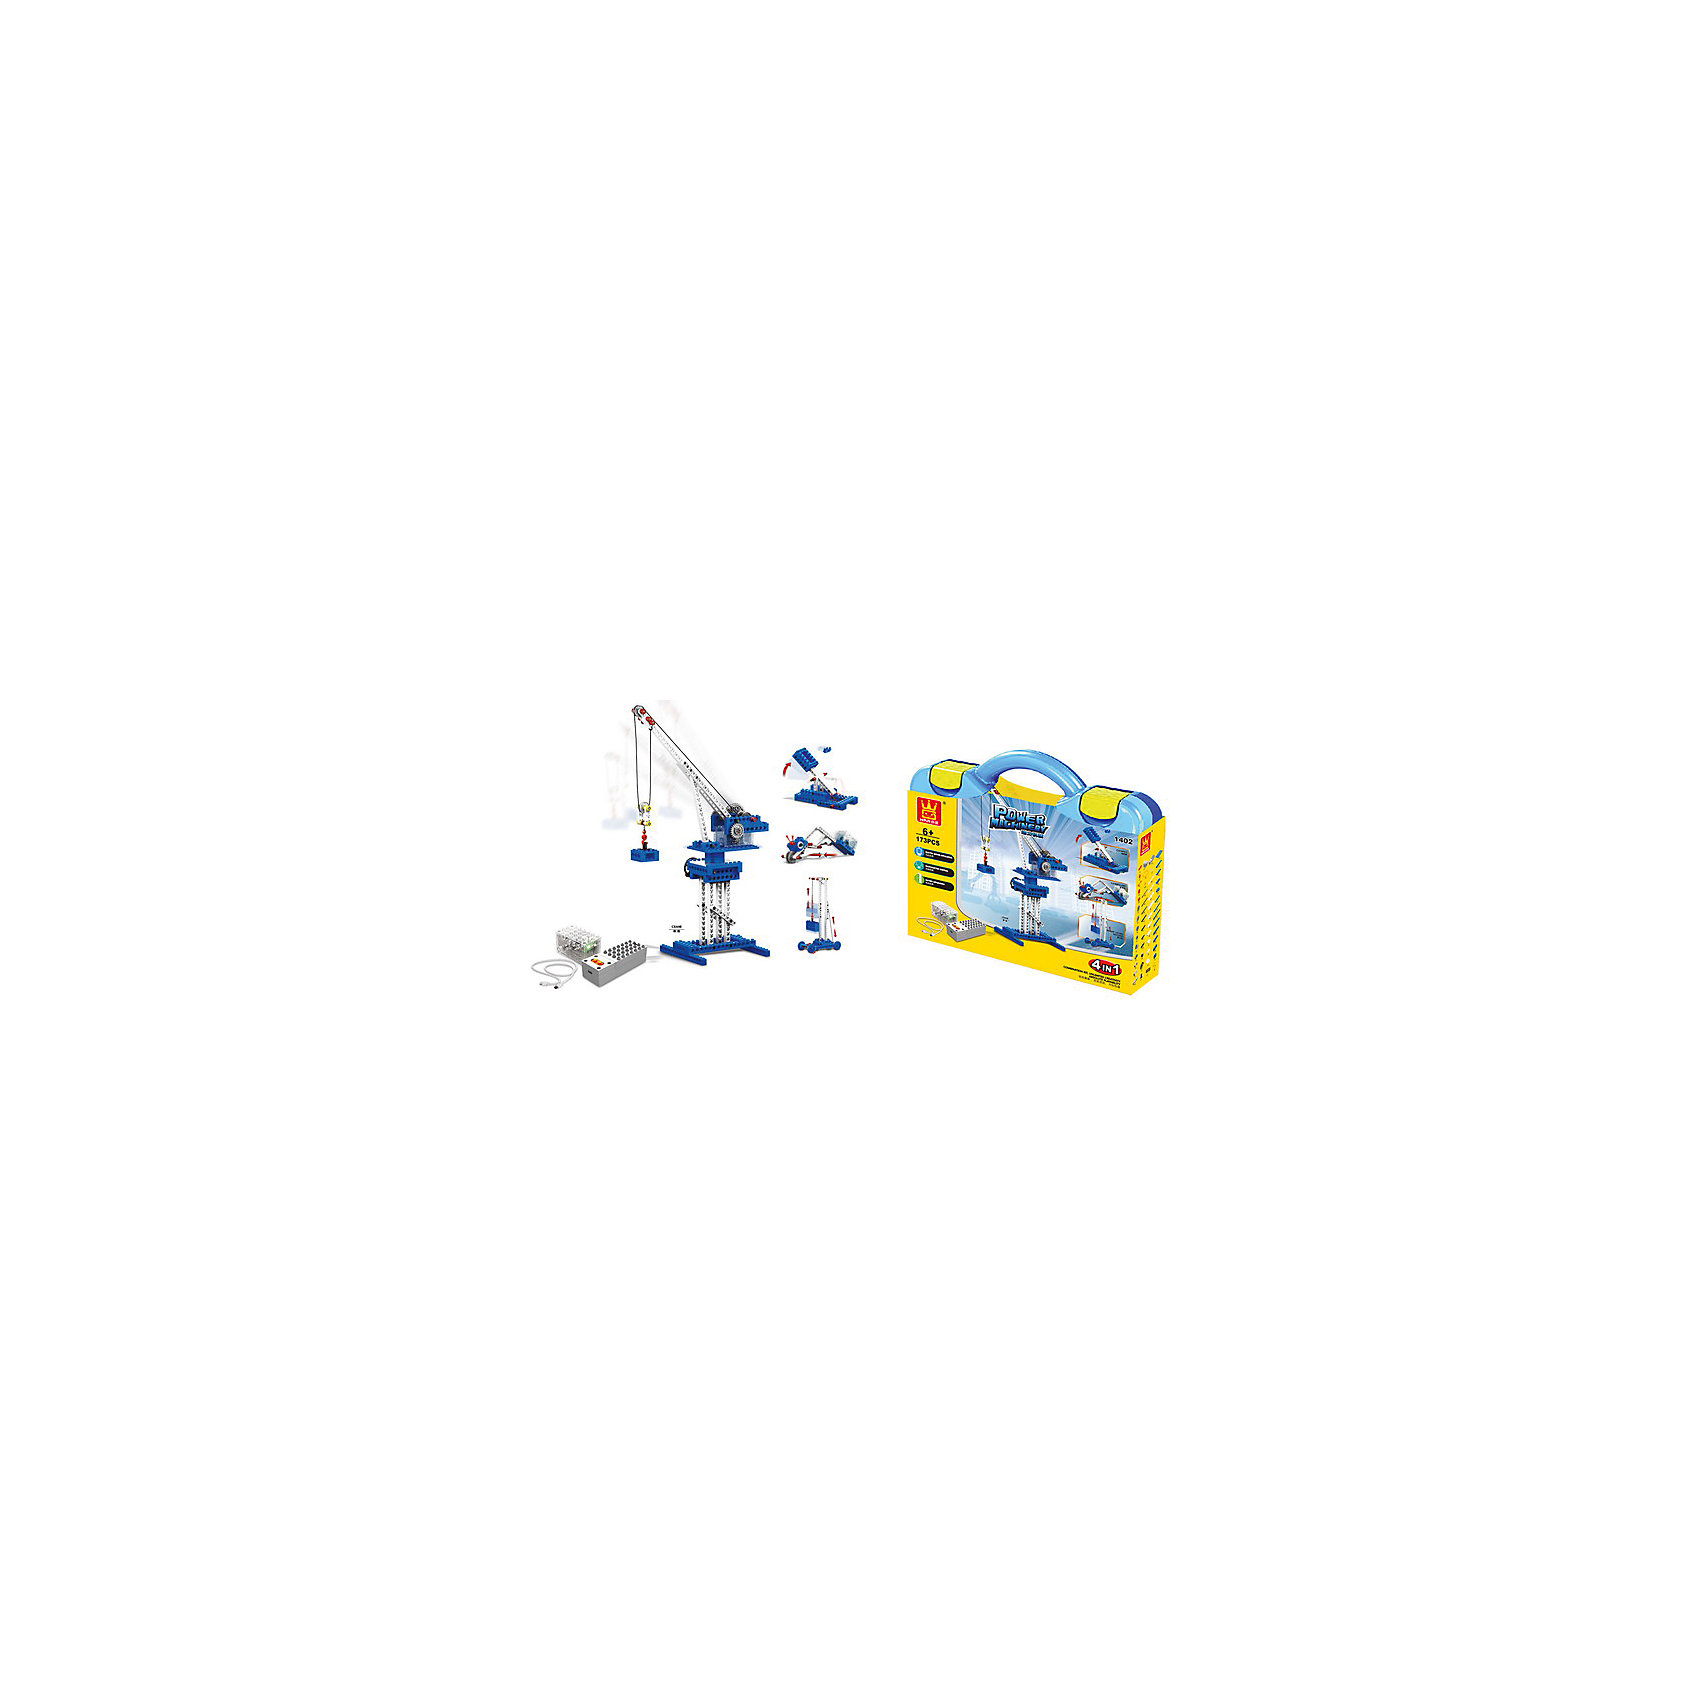 Конструктор Башенный кран 4 в1, с проводным пультом управления, 173 предм., JUNFAПластмассовые конструкторы<br><br><br>Ширина мм: 282<br>Глубина мм: 62<br>Высота мм: 196<br>Вес г: 992<br>Возраст от месяцев: 36<br>Возраст до месяцев: 1188<br>Пол: Мужской<br>Возраст: Детский<br>SKU: 5173019